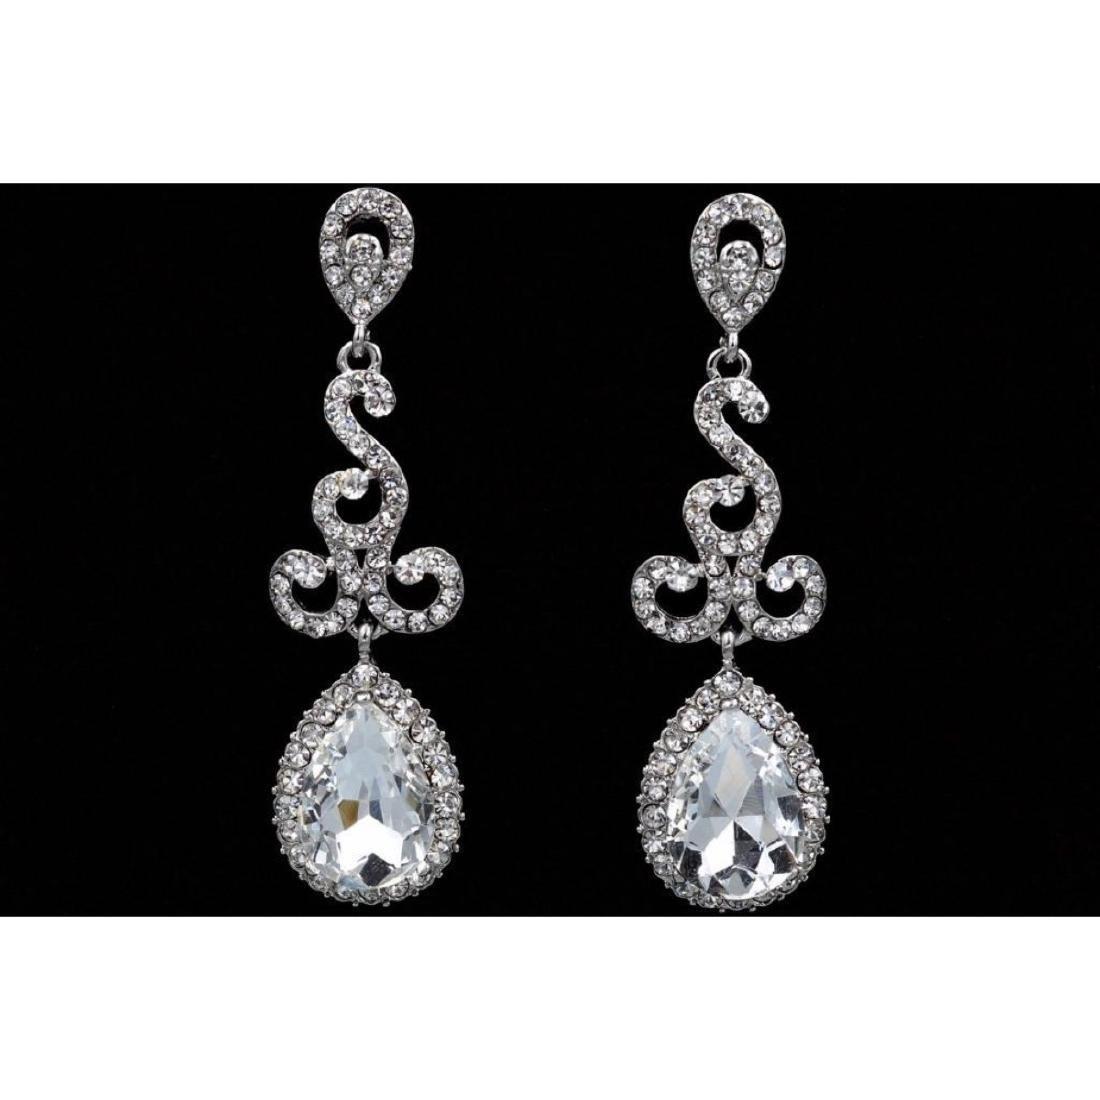 Czech Crystal Bridal Drop Earrings - 2